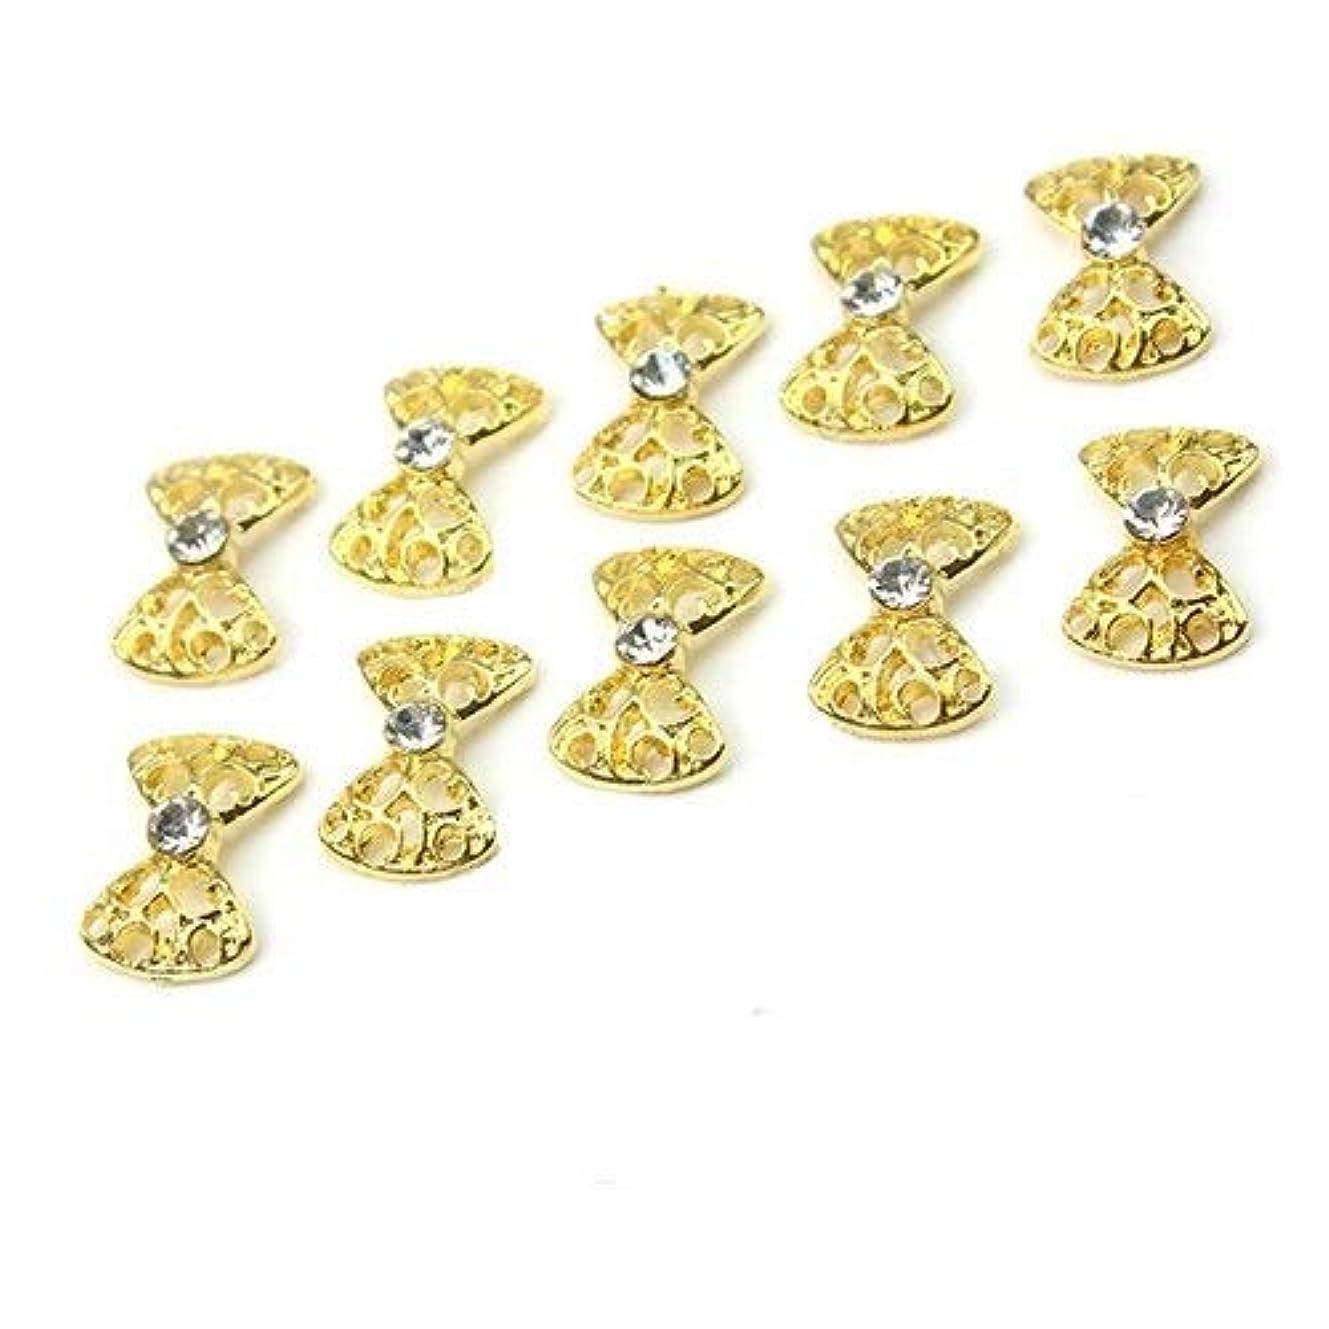 HAPPY HOME エレガントな合金のラインストーン蝶ネクタイネイルアートグリッターDIYの装飾